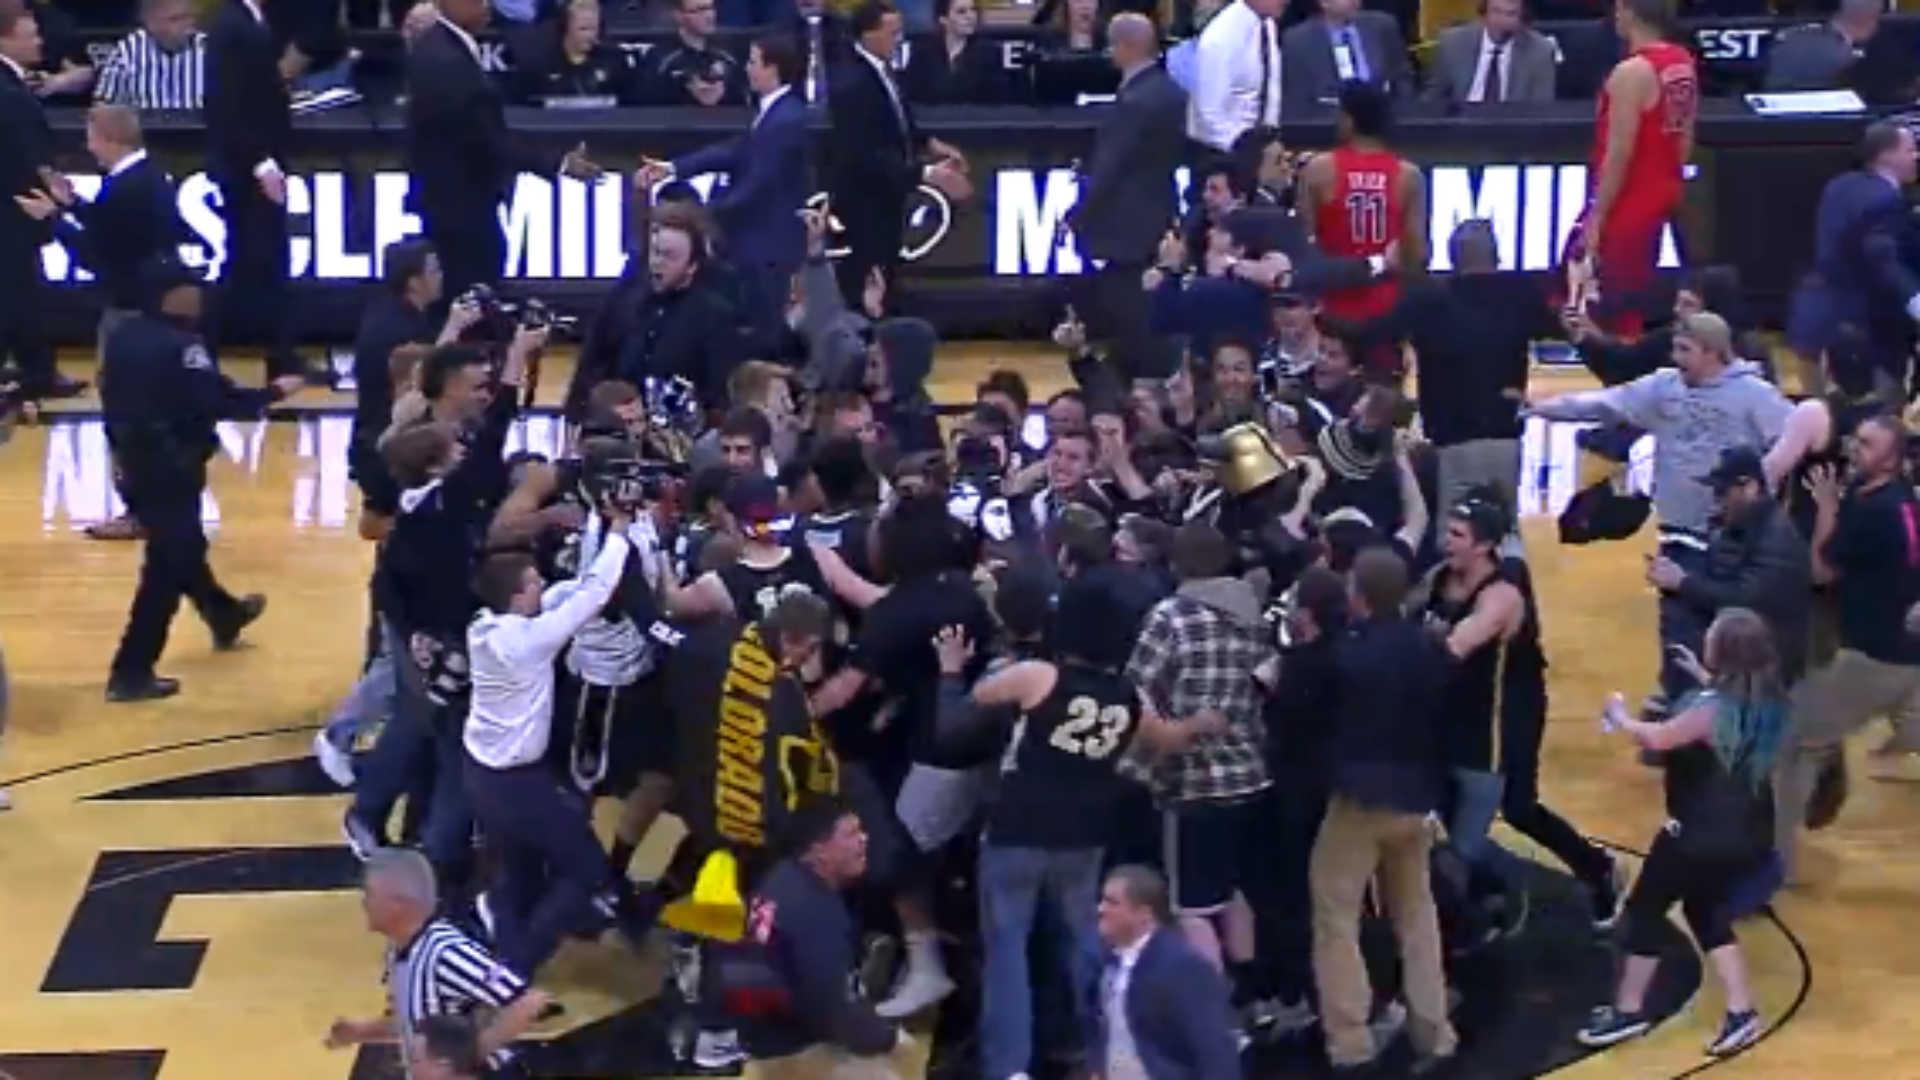 Colorado fans storm the floor.